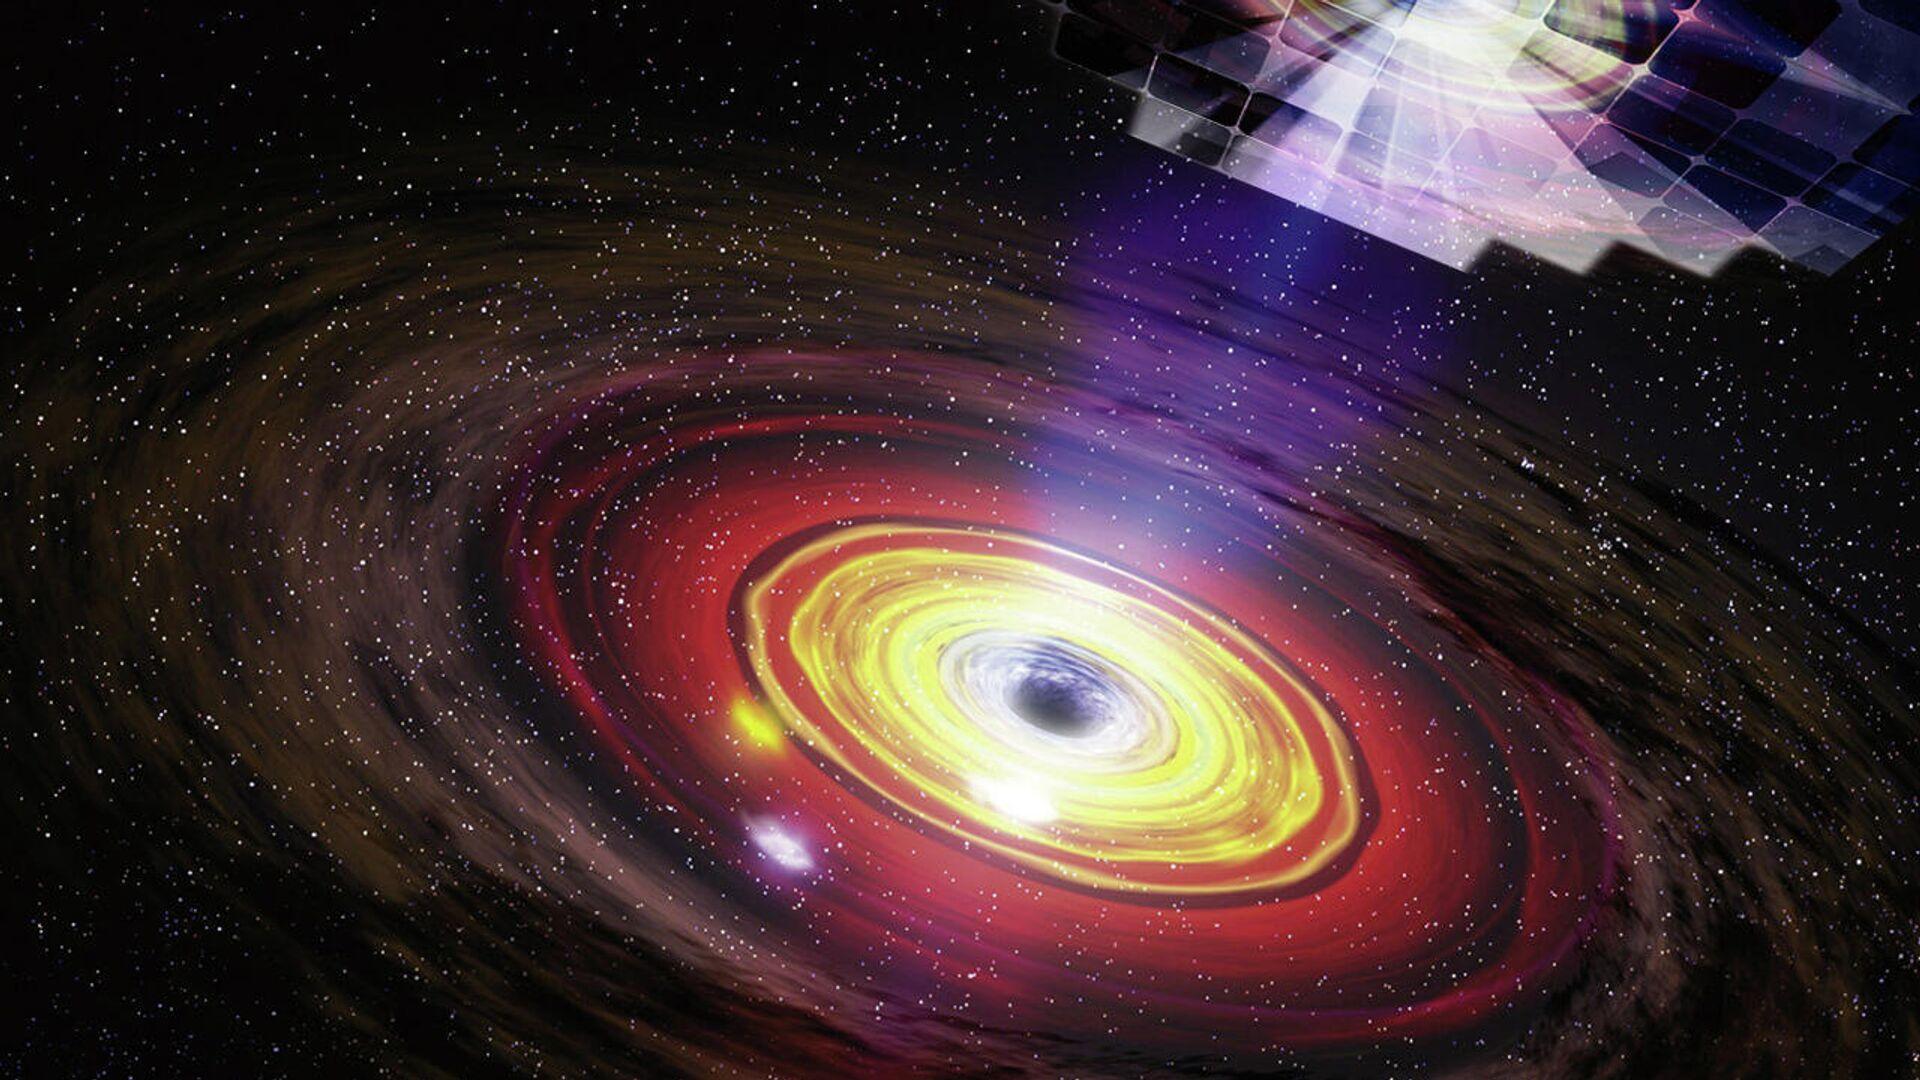 Самая большая в мире цифровая камера будет снимать далекие объекты во Вселенной - РИА Новости, 1920, 06.08.2021